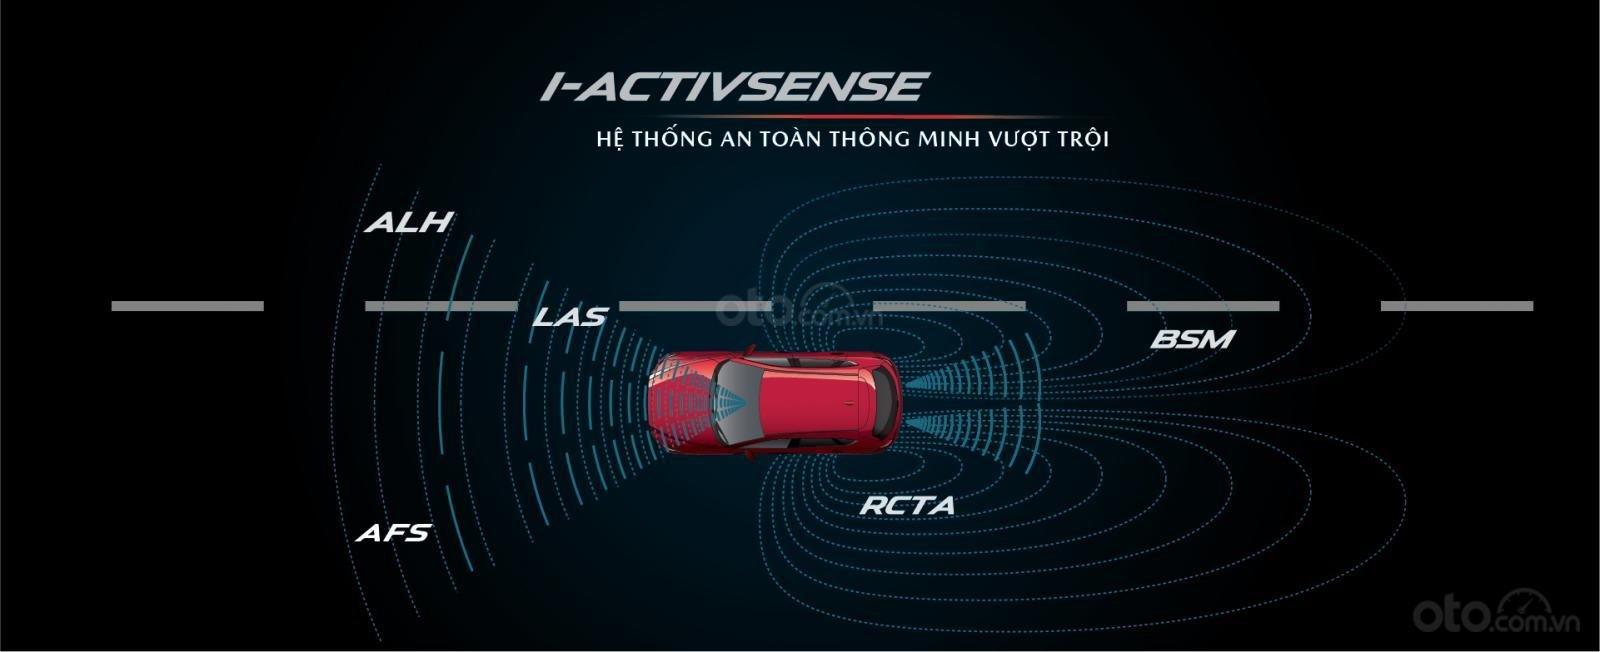 Đánh giá xe Mazda CX-5 2019: Hệ thống an toàn i-Activsense.